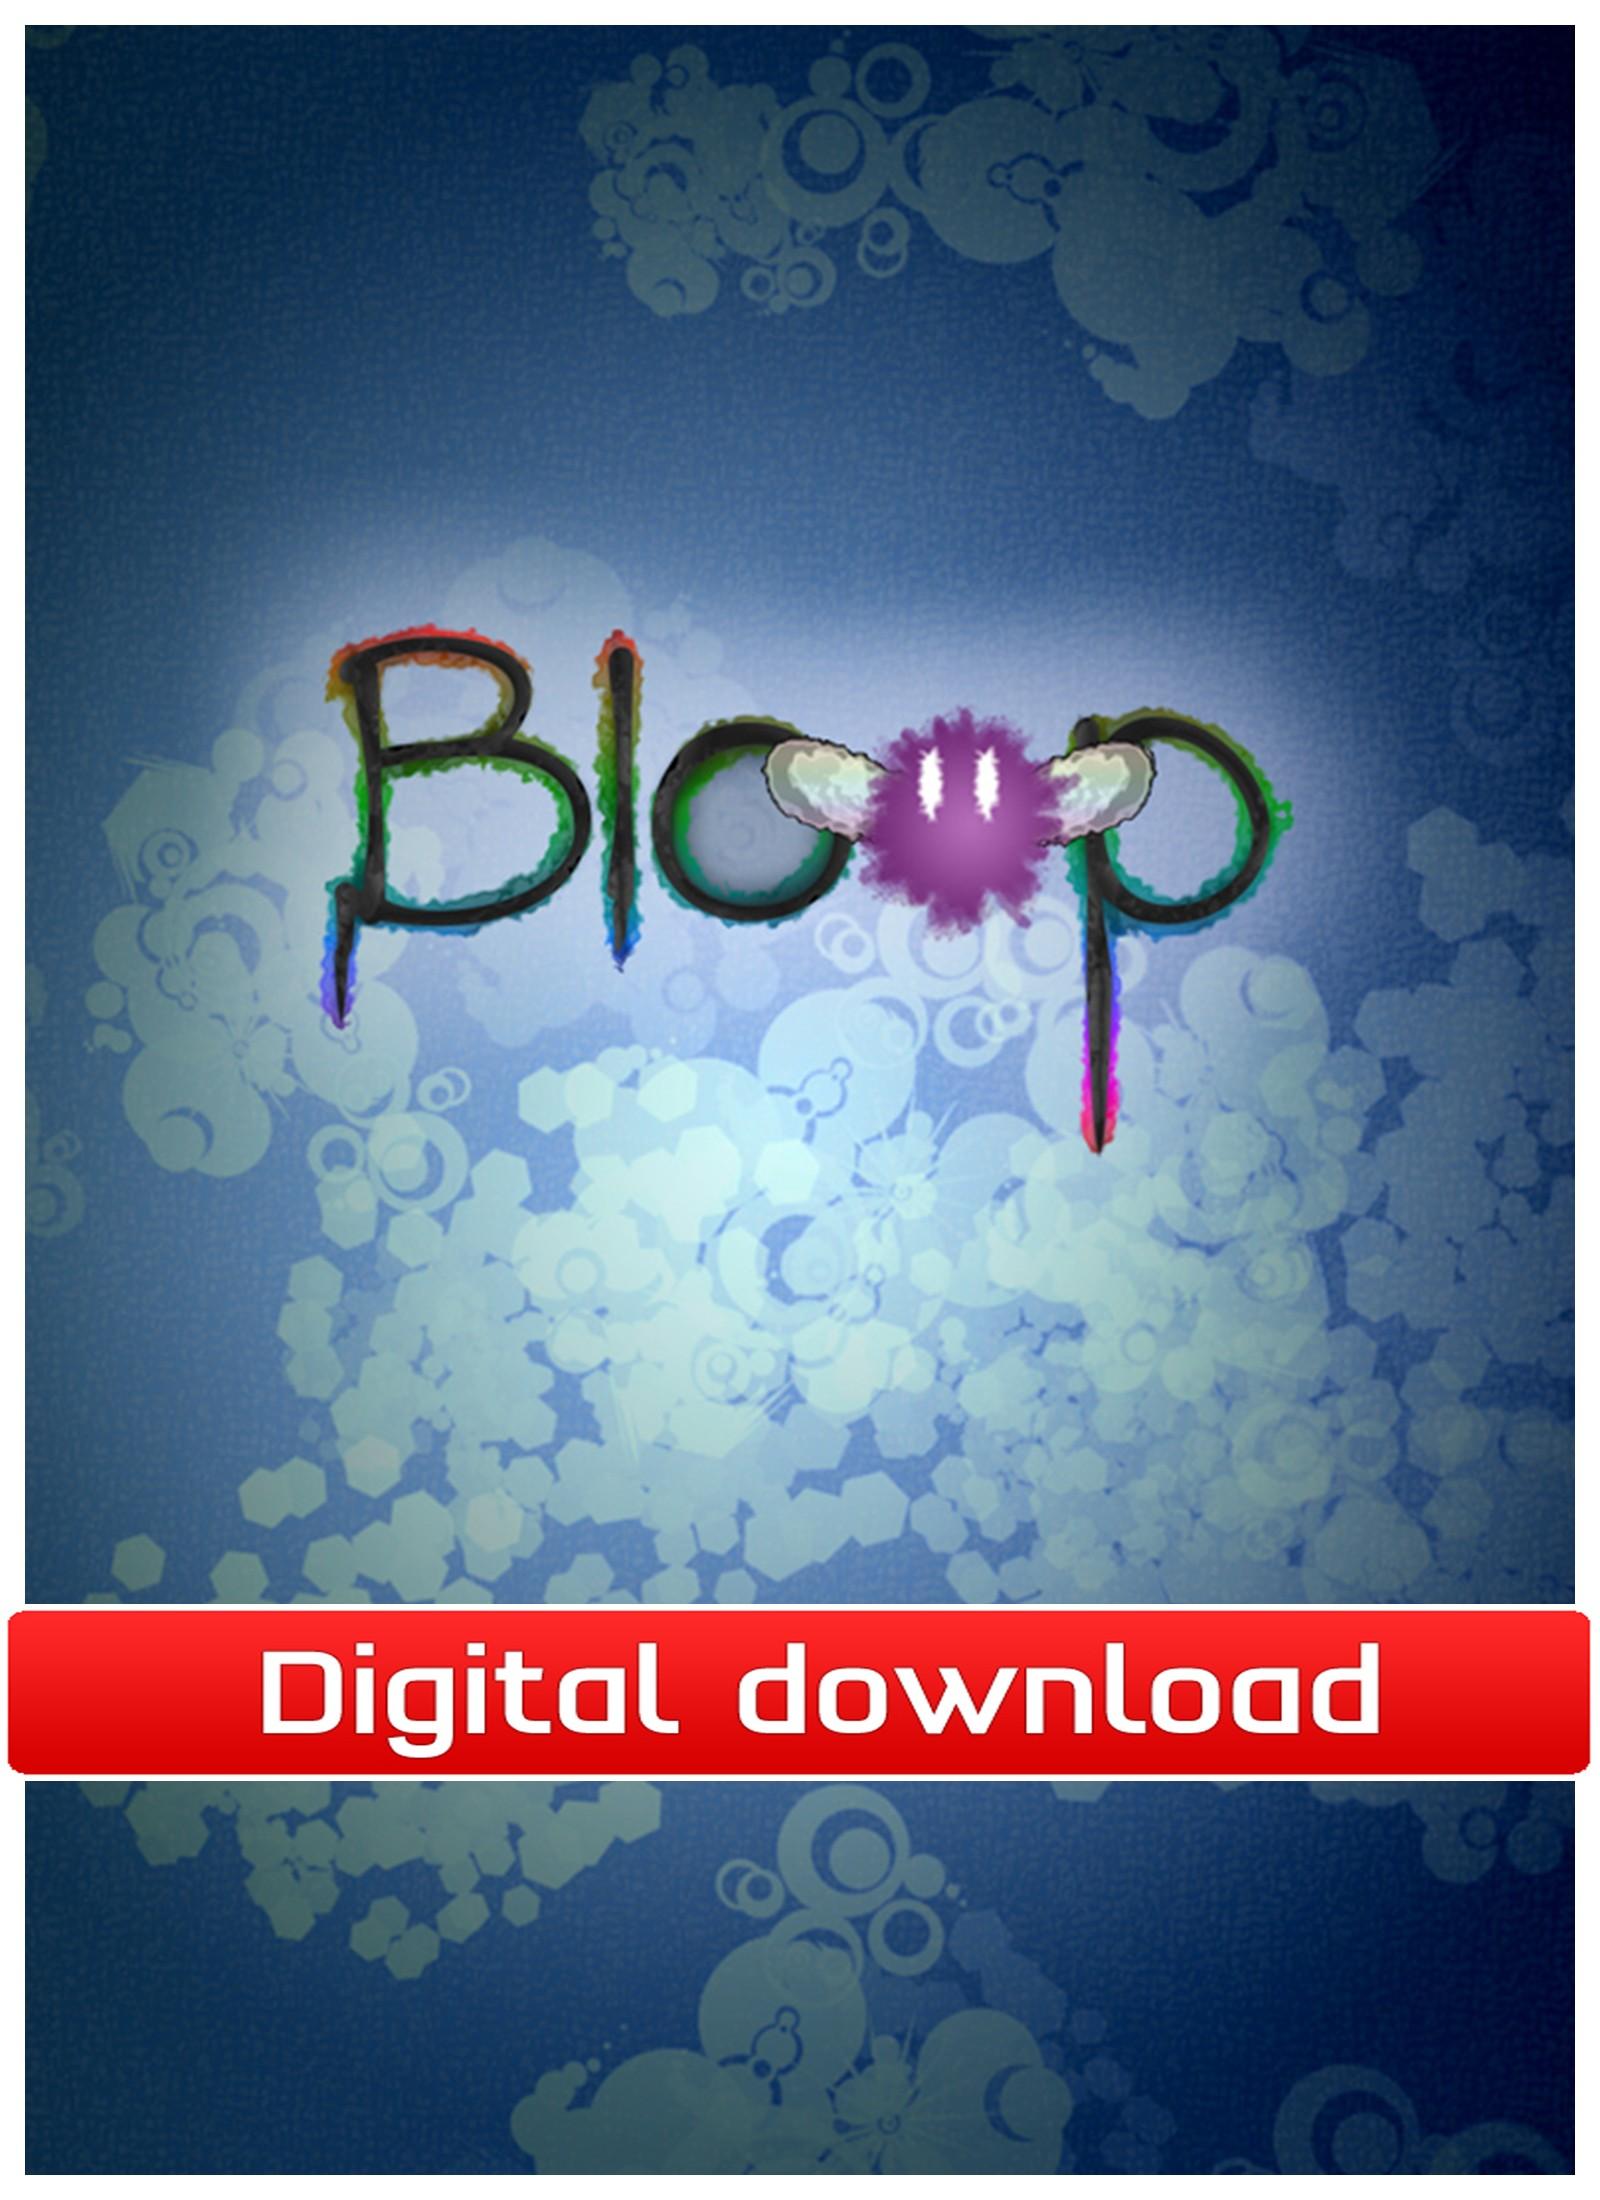 Bloop (PC nedlastning) PCDD32729